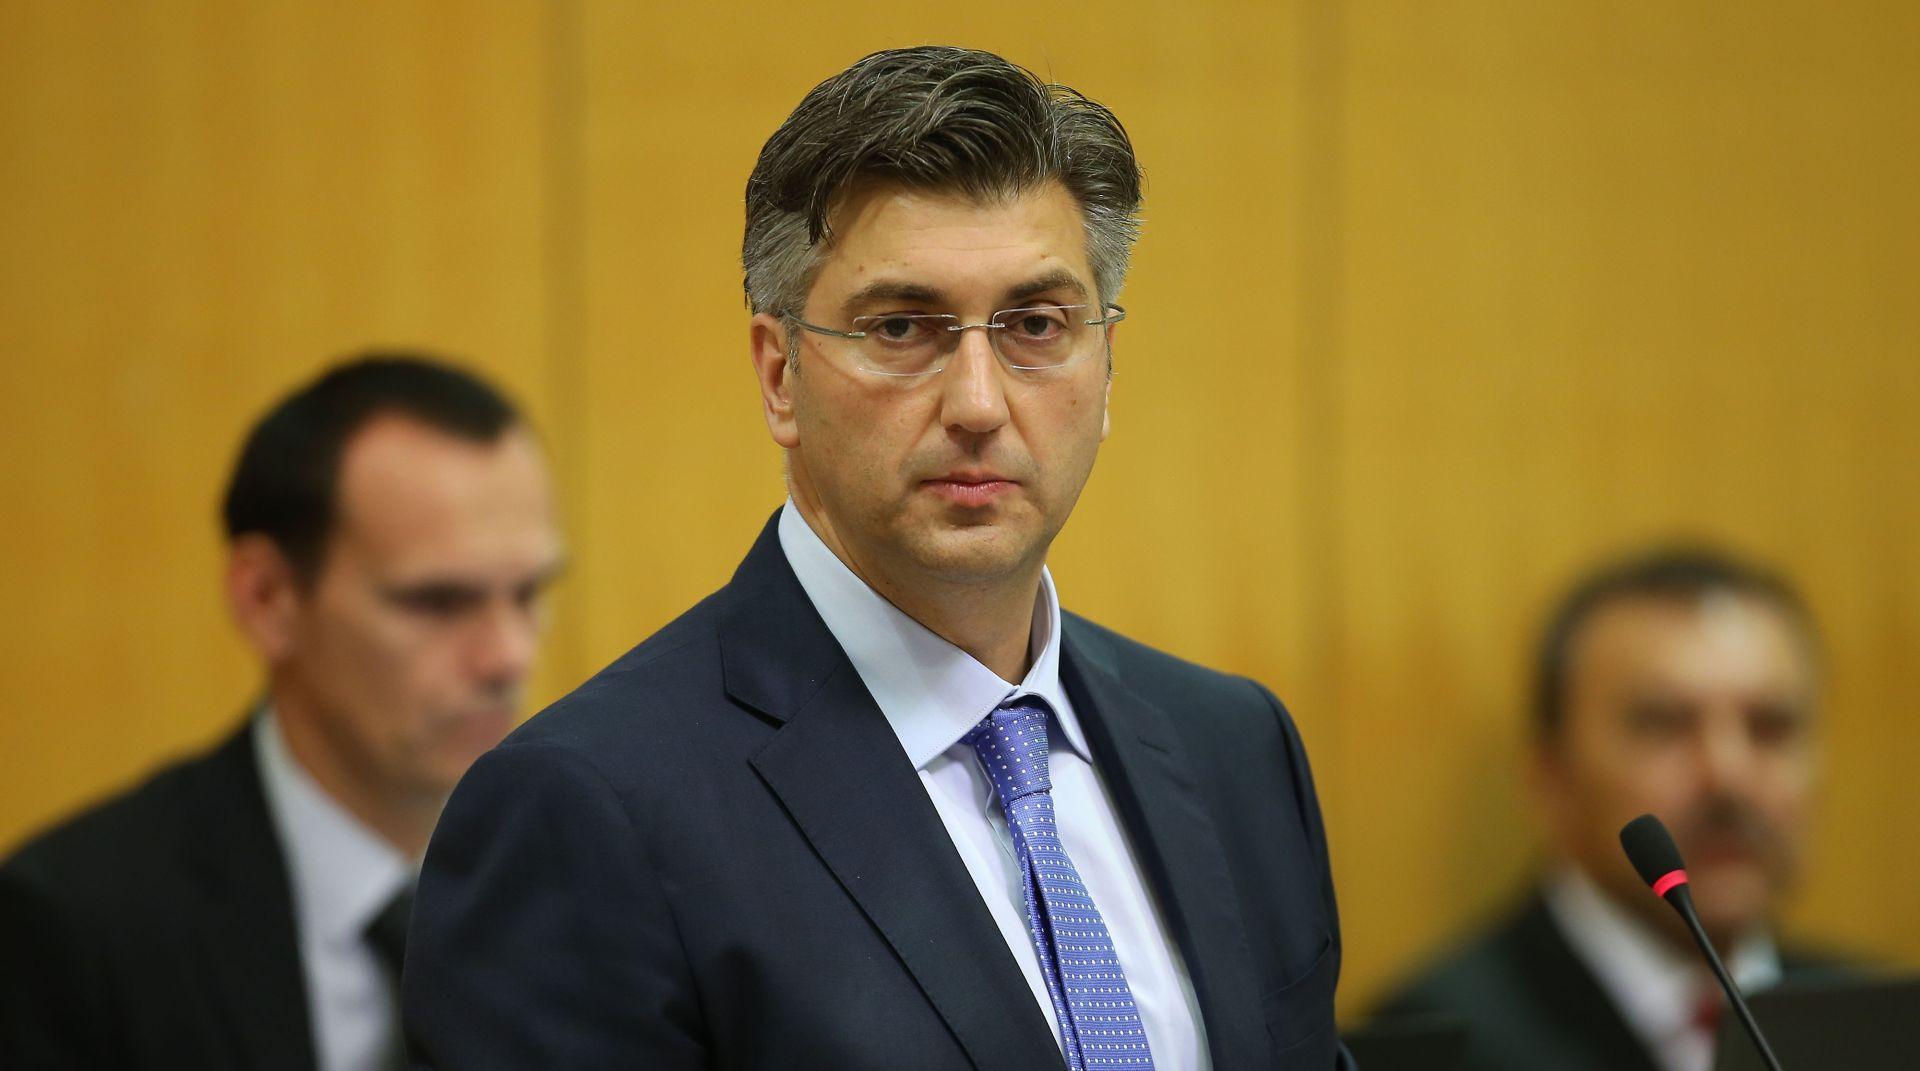 """PLENKOVIĆEV GOVOR """"Za sve što ne bude dobro prije svega ću odgovornost preuzeti ja kao predsjednik vlade"""""""